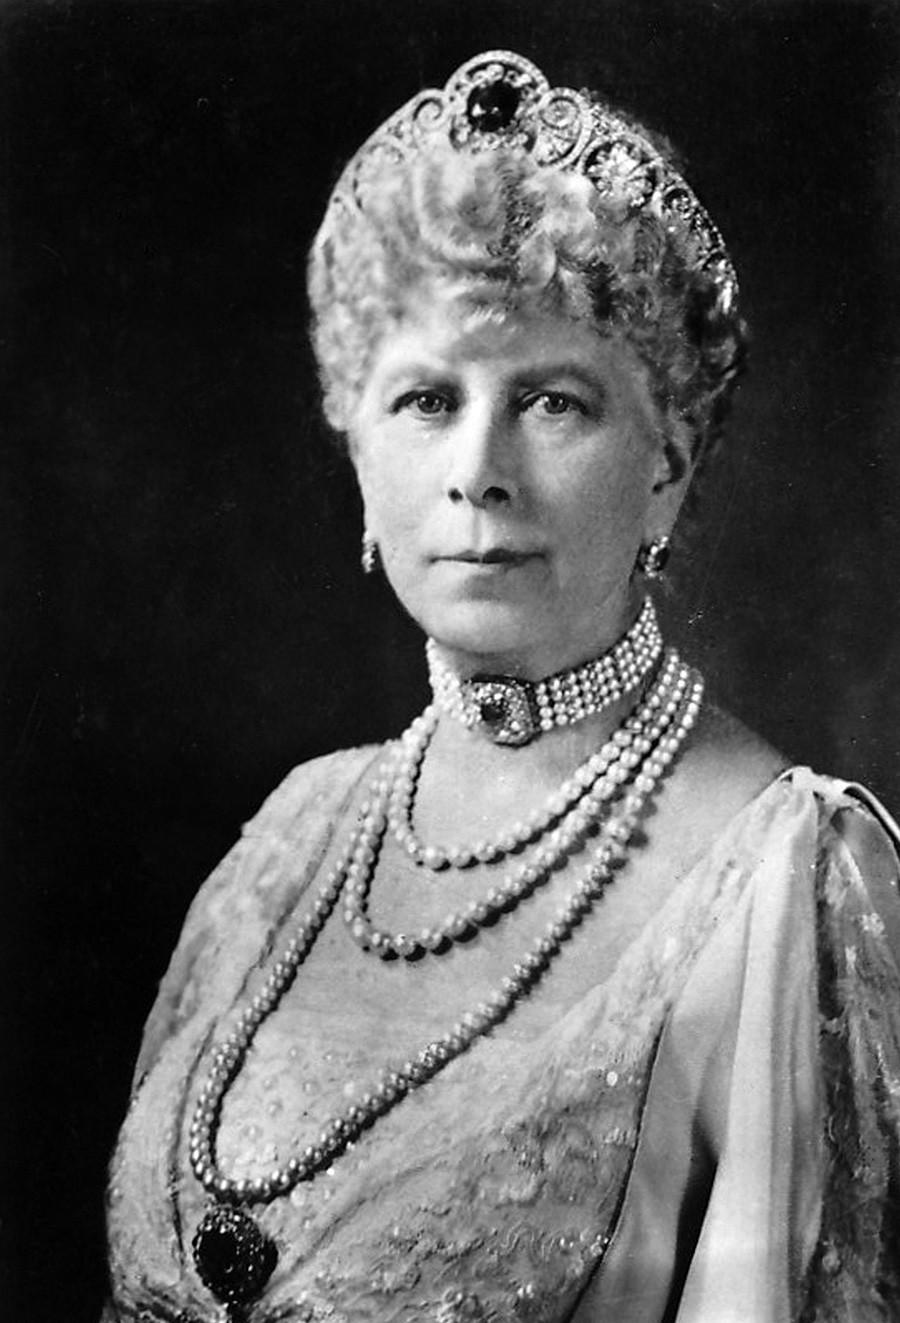 Краљица Марија од Тека (1867-1953), фото из 1937.